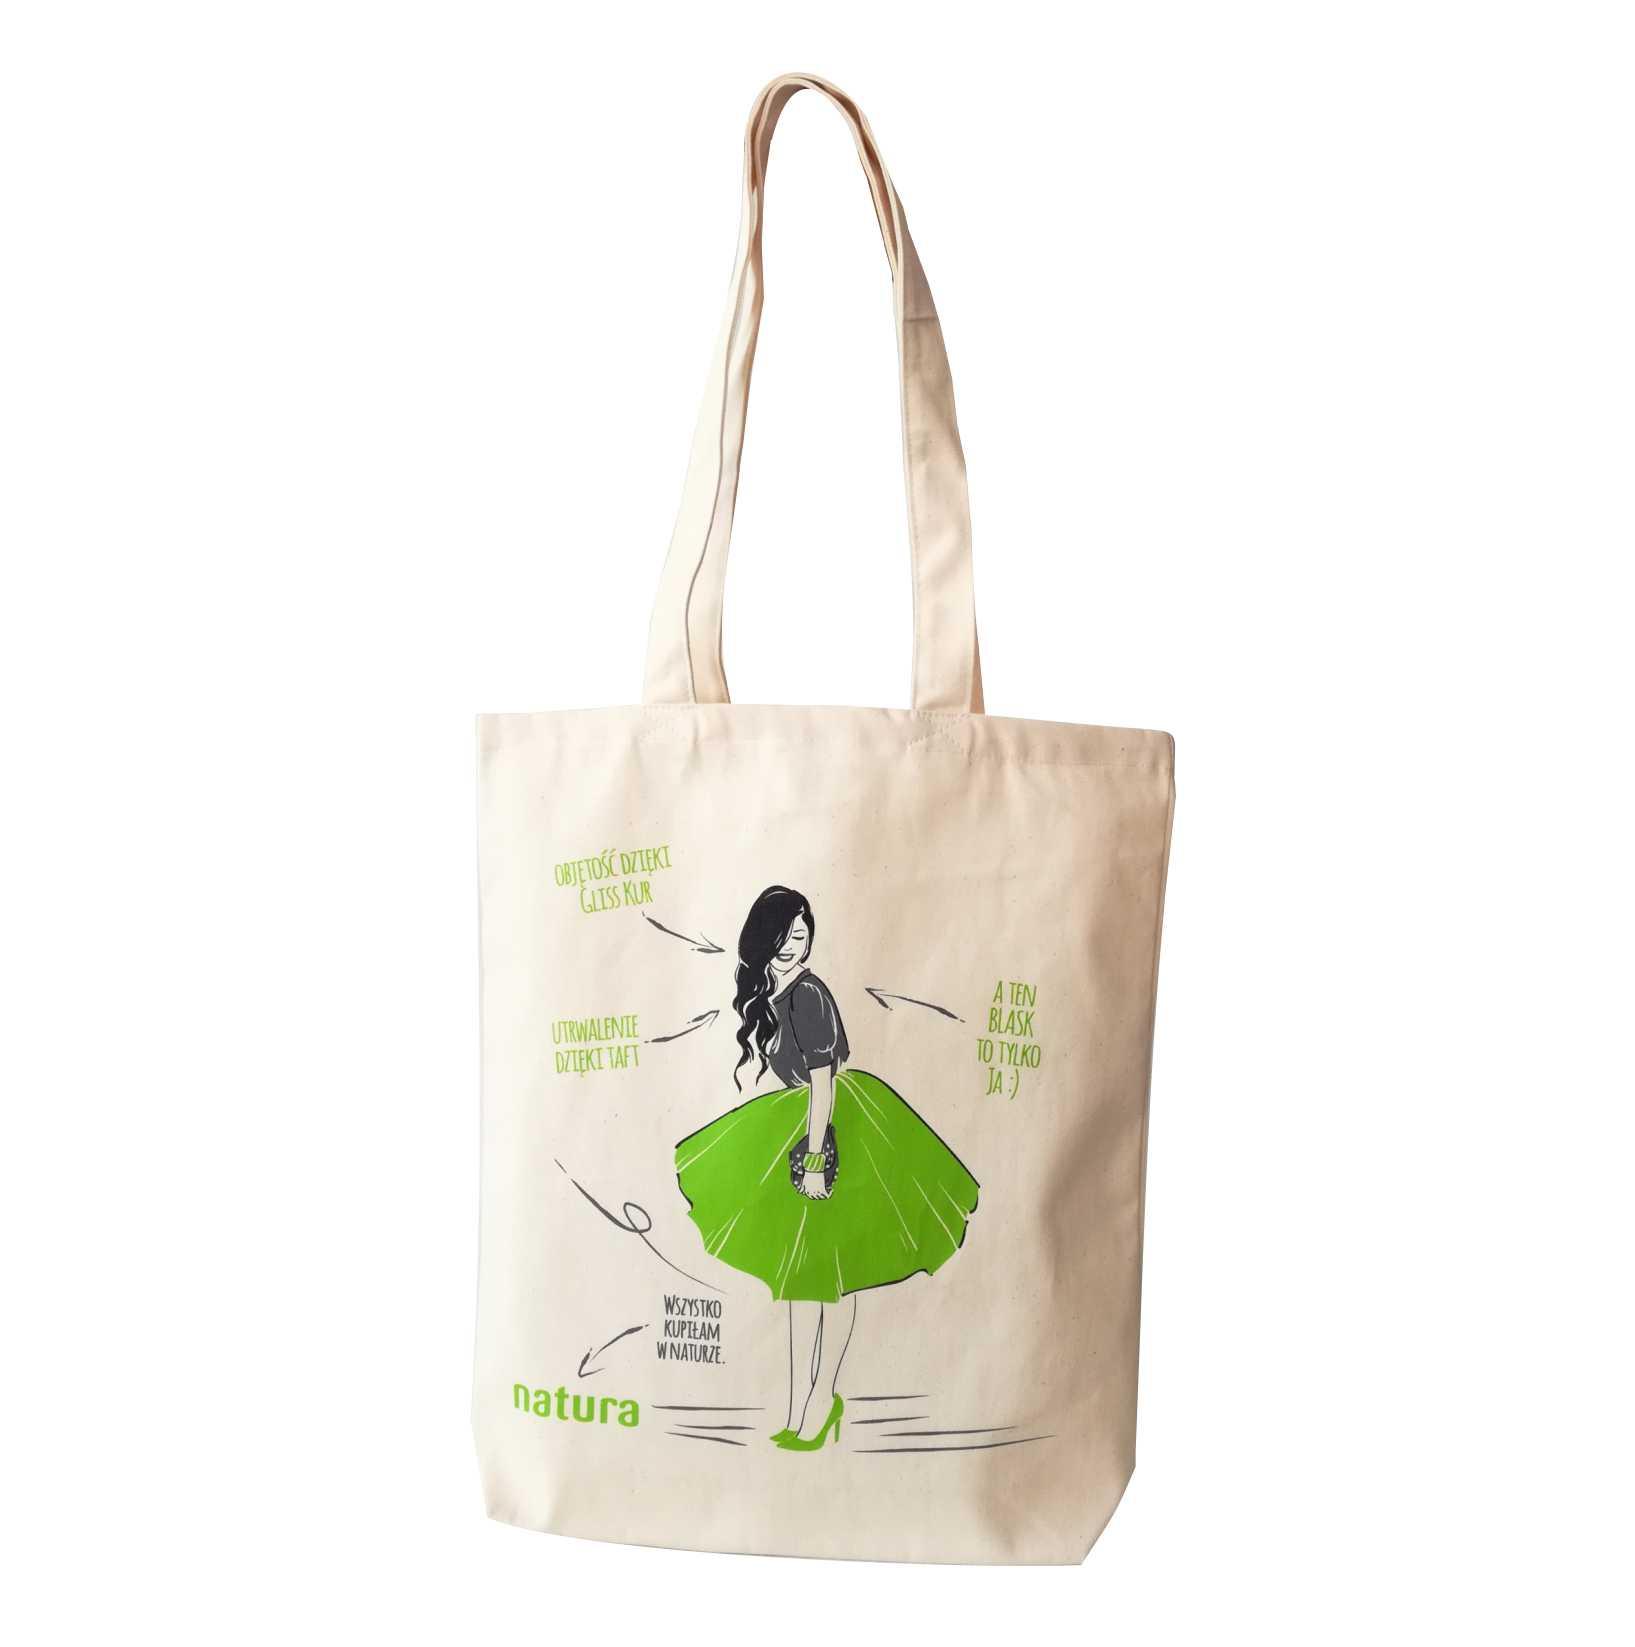 Torby bawełniane, ekologiczne z nadrukiem dla firm ⋆ Gift More